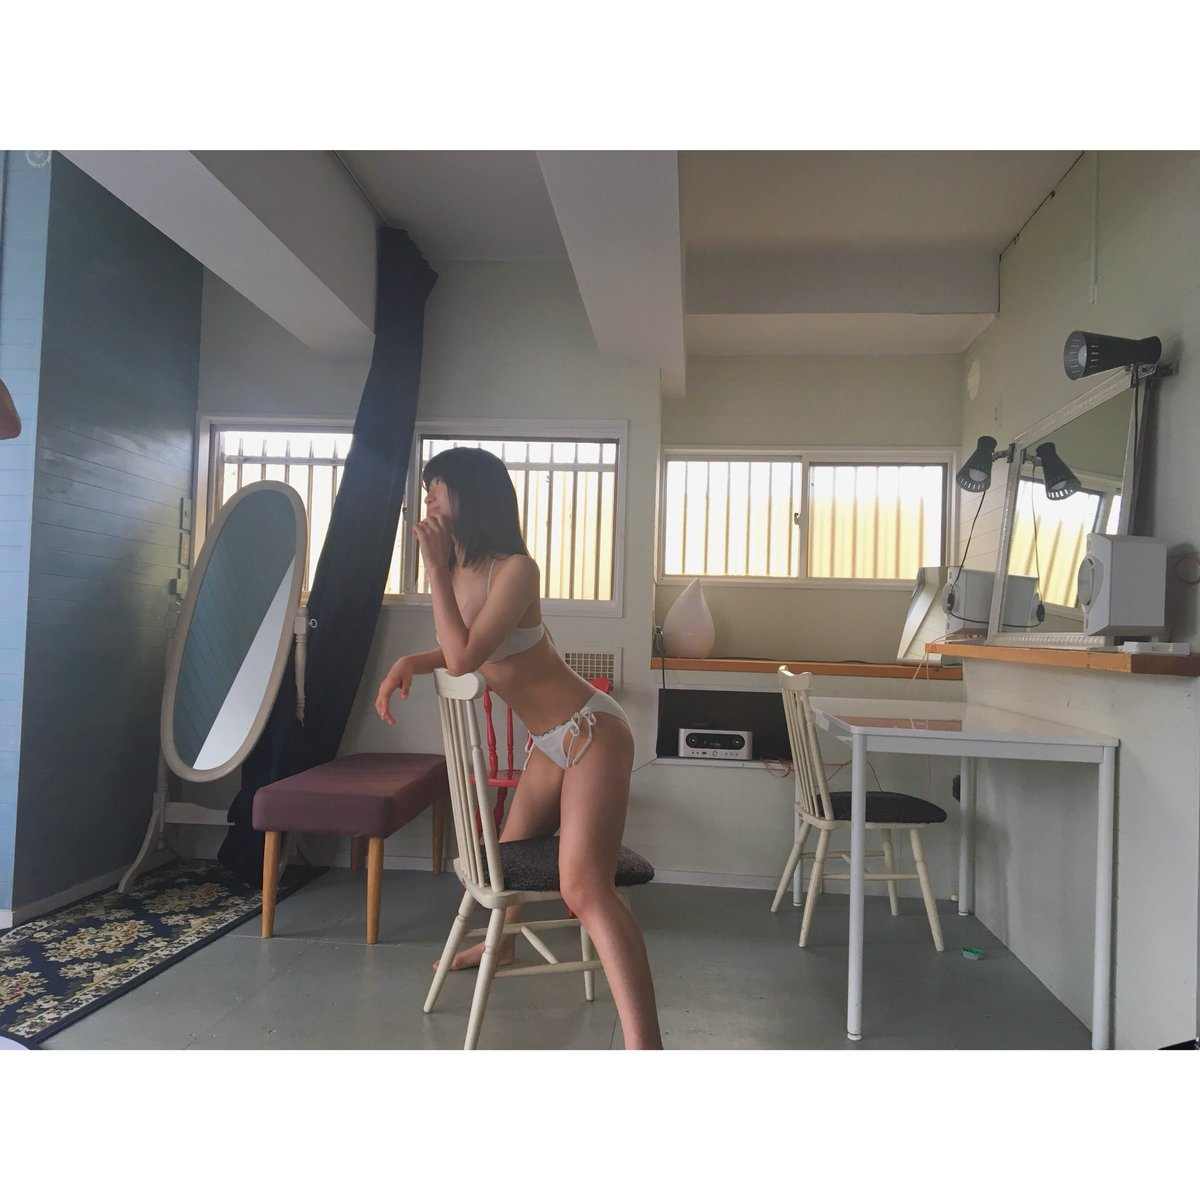 NMB48上西怜(16)Fカップが抜ける水着グラビアエロ画像40枚・14枚目の画像